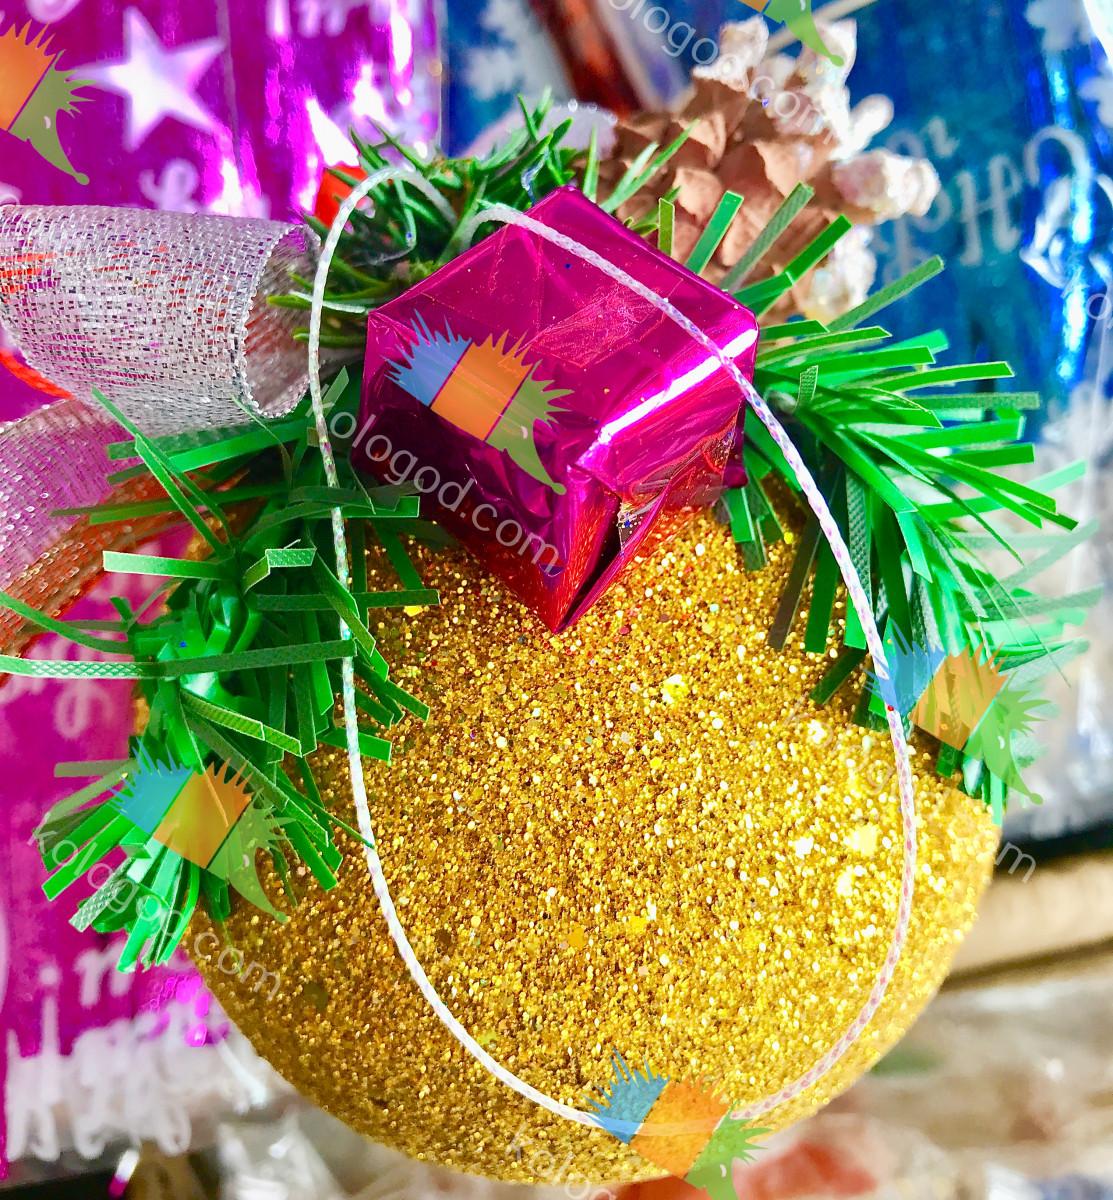 Елочная Игрушка Новогодний Шар Заснеженный с Шишкой Колокольчиком 9 см Цвета в Ассортименте sale